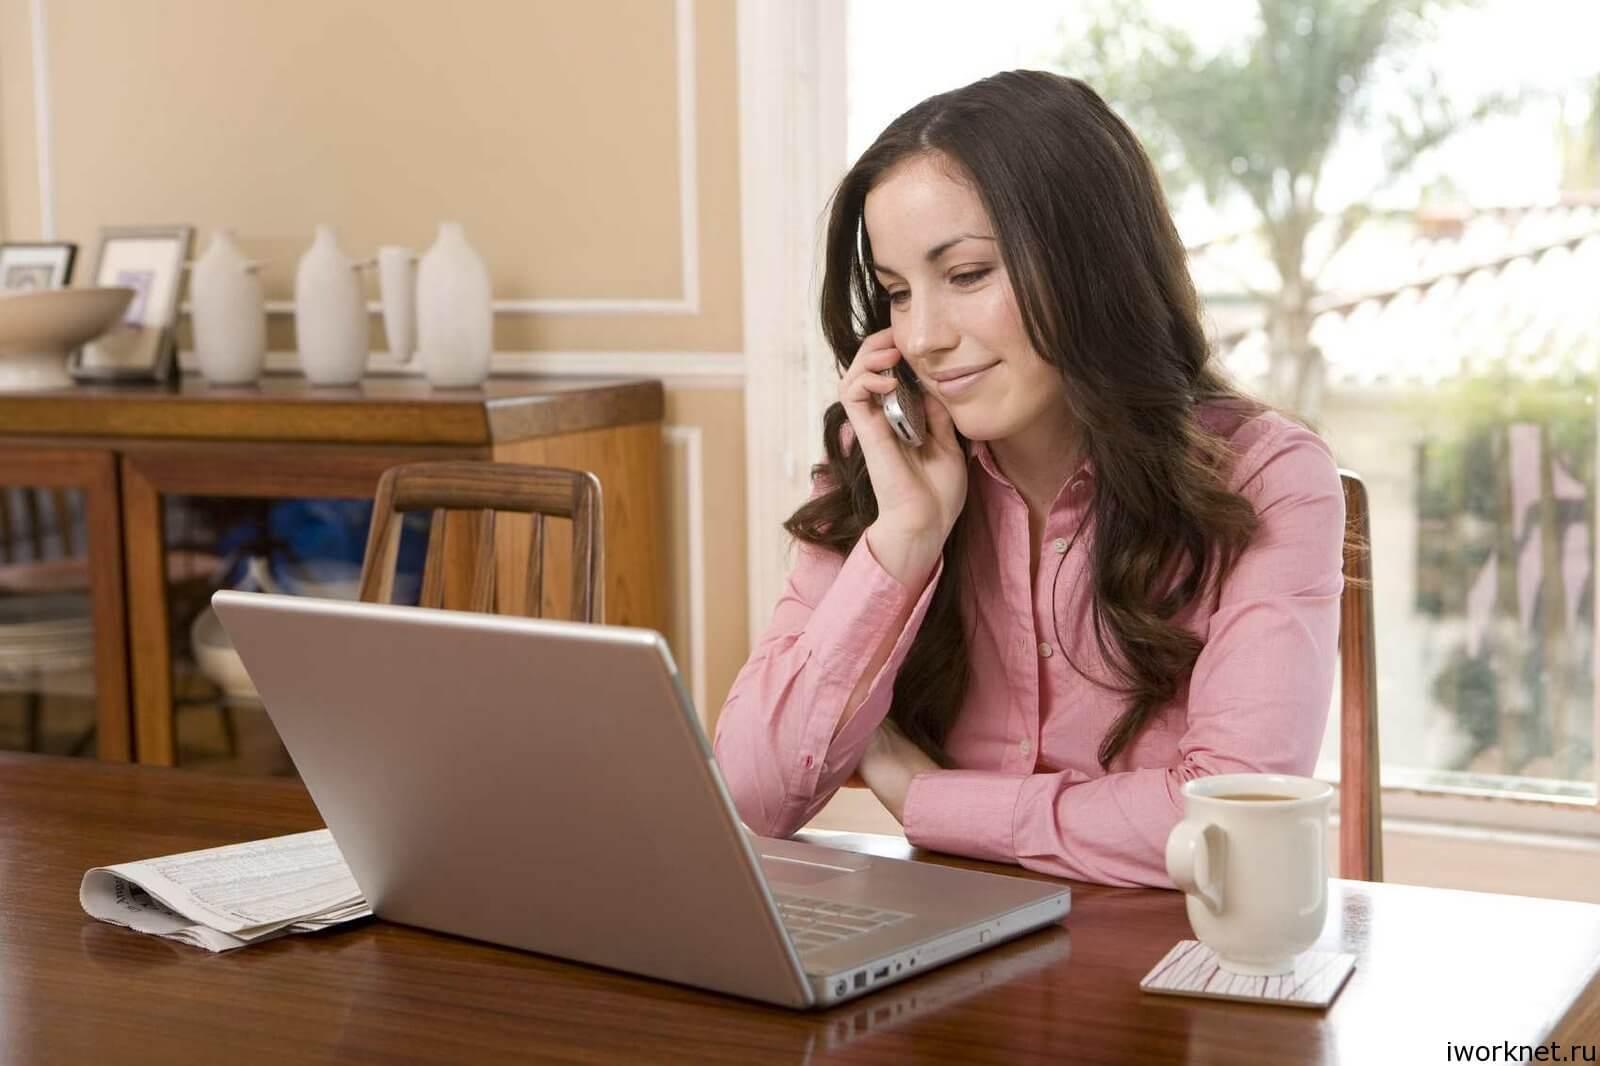 Удаленная работа на дому с ежедневной оплатой